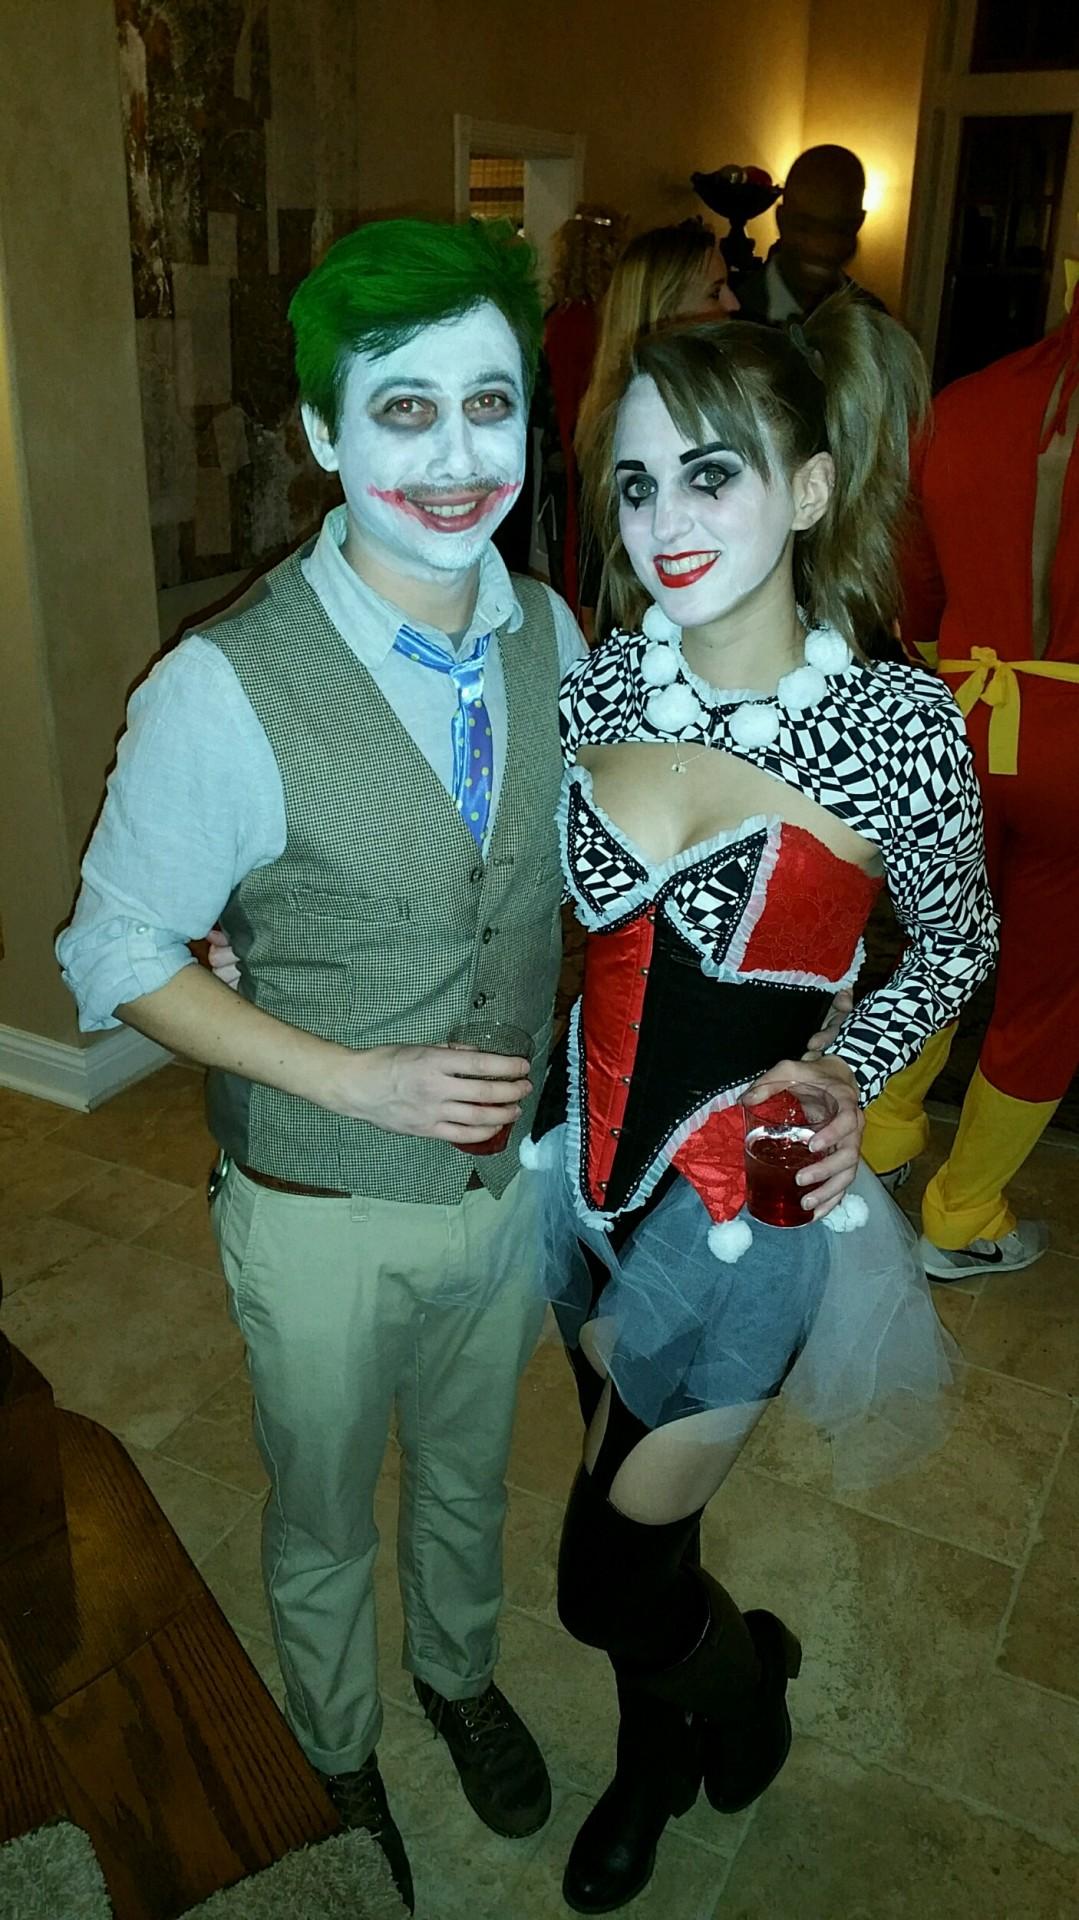 Harley Quinn NYE costume